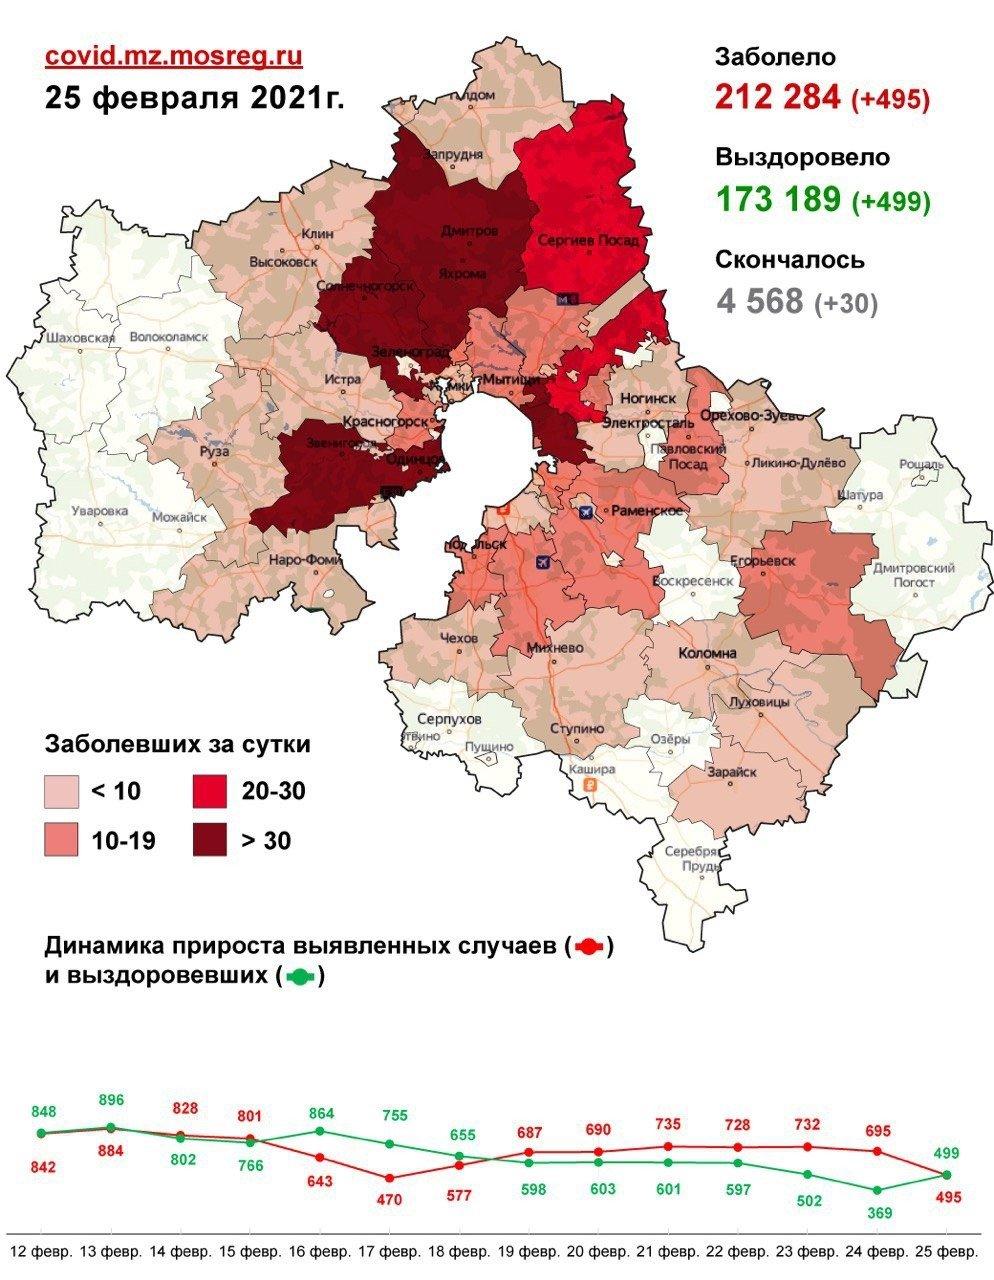 Статистика заболевших коронавирусом по городам Московской области на 25 февраля